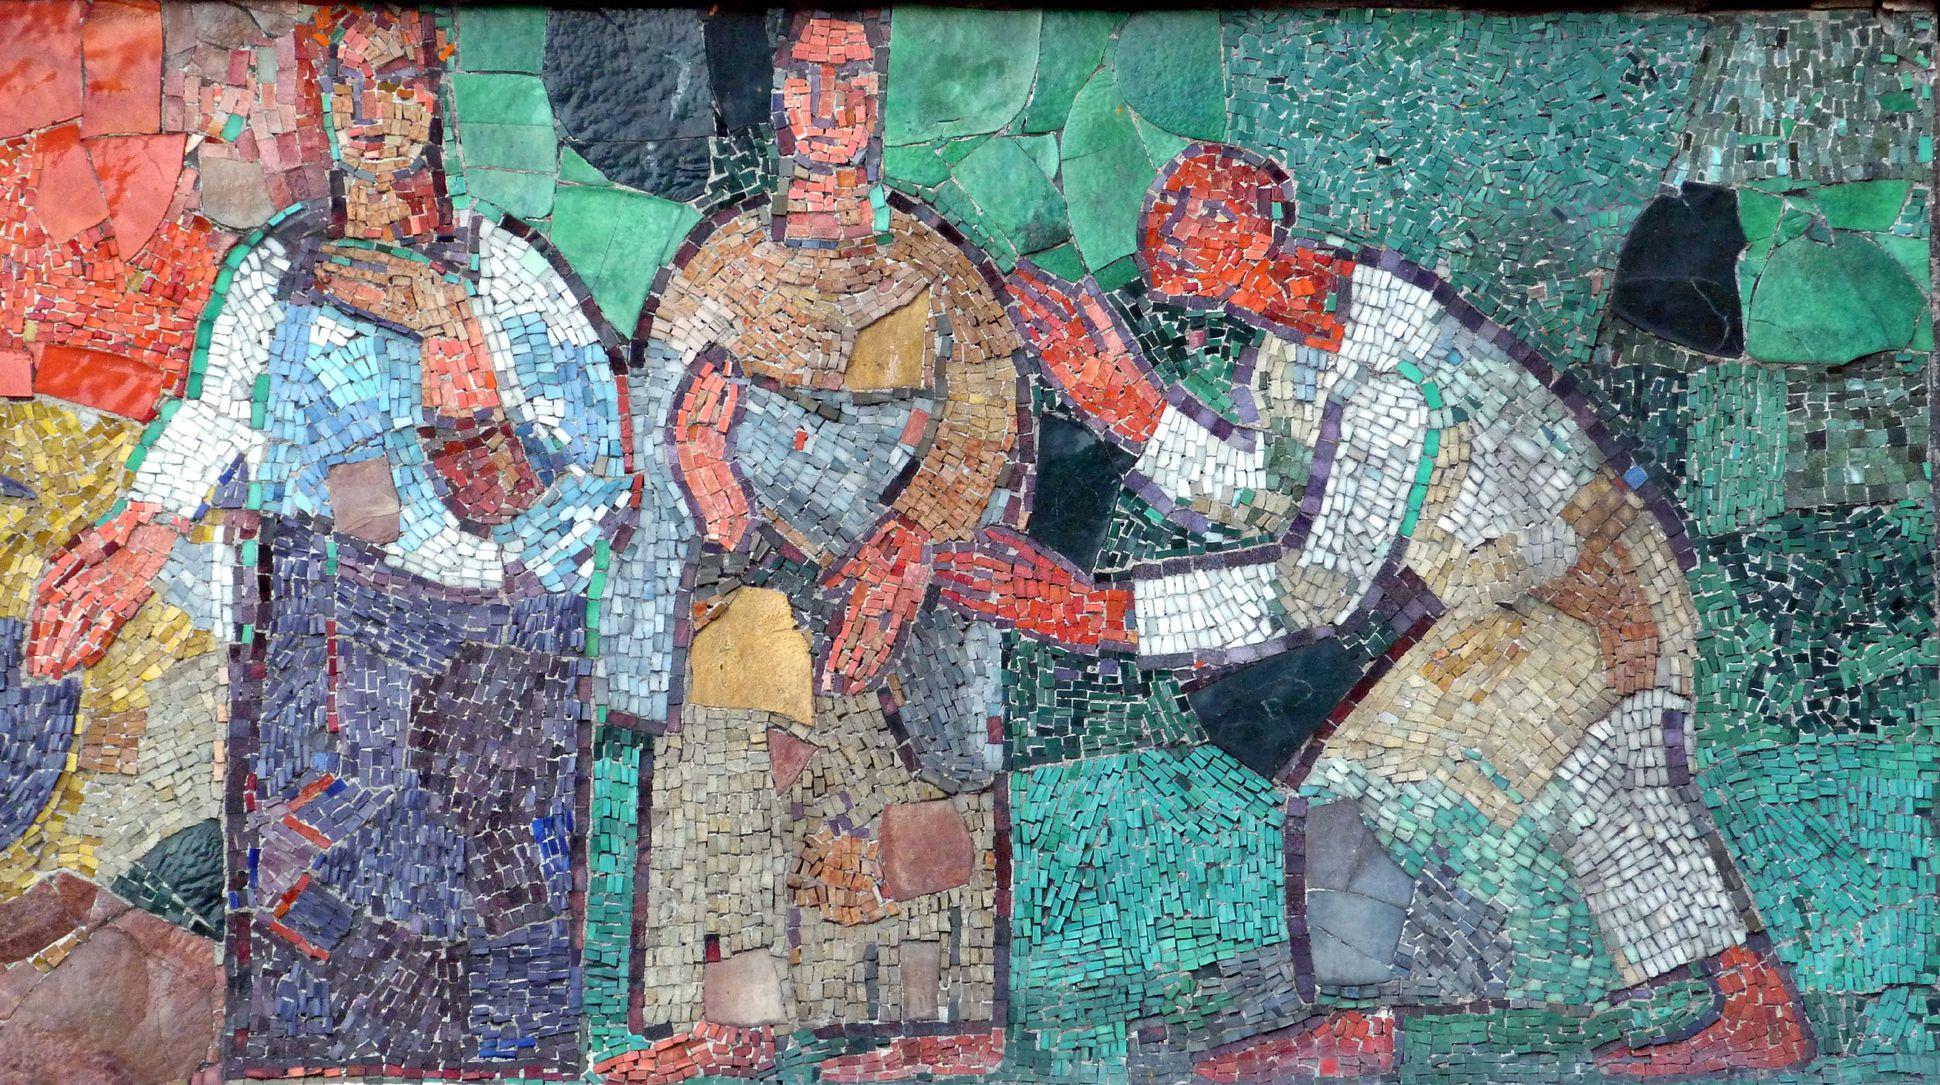 Mosaik am Hauptmarkt in Nürnberg Abschlussszene des westlichen Mosaikbandes